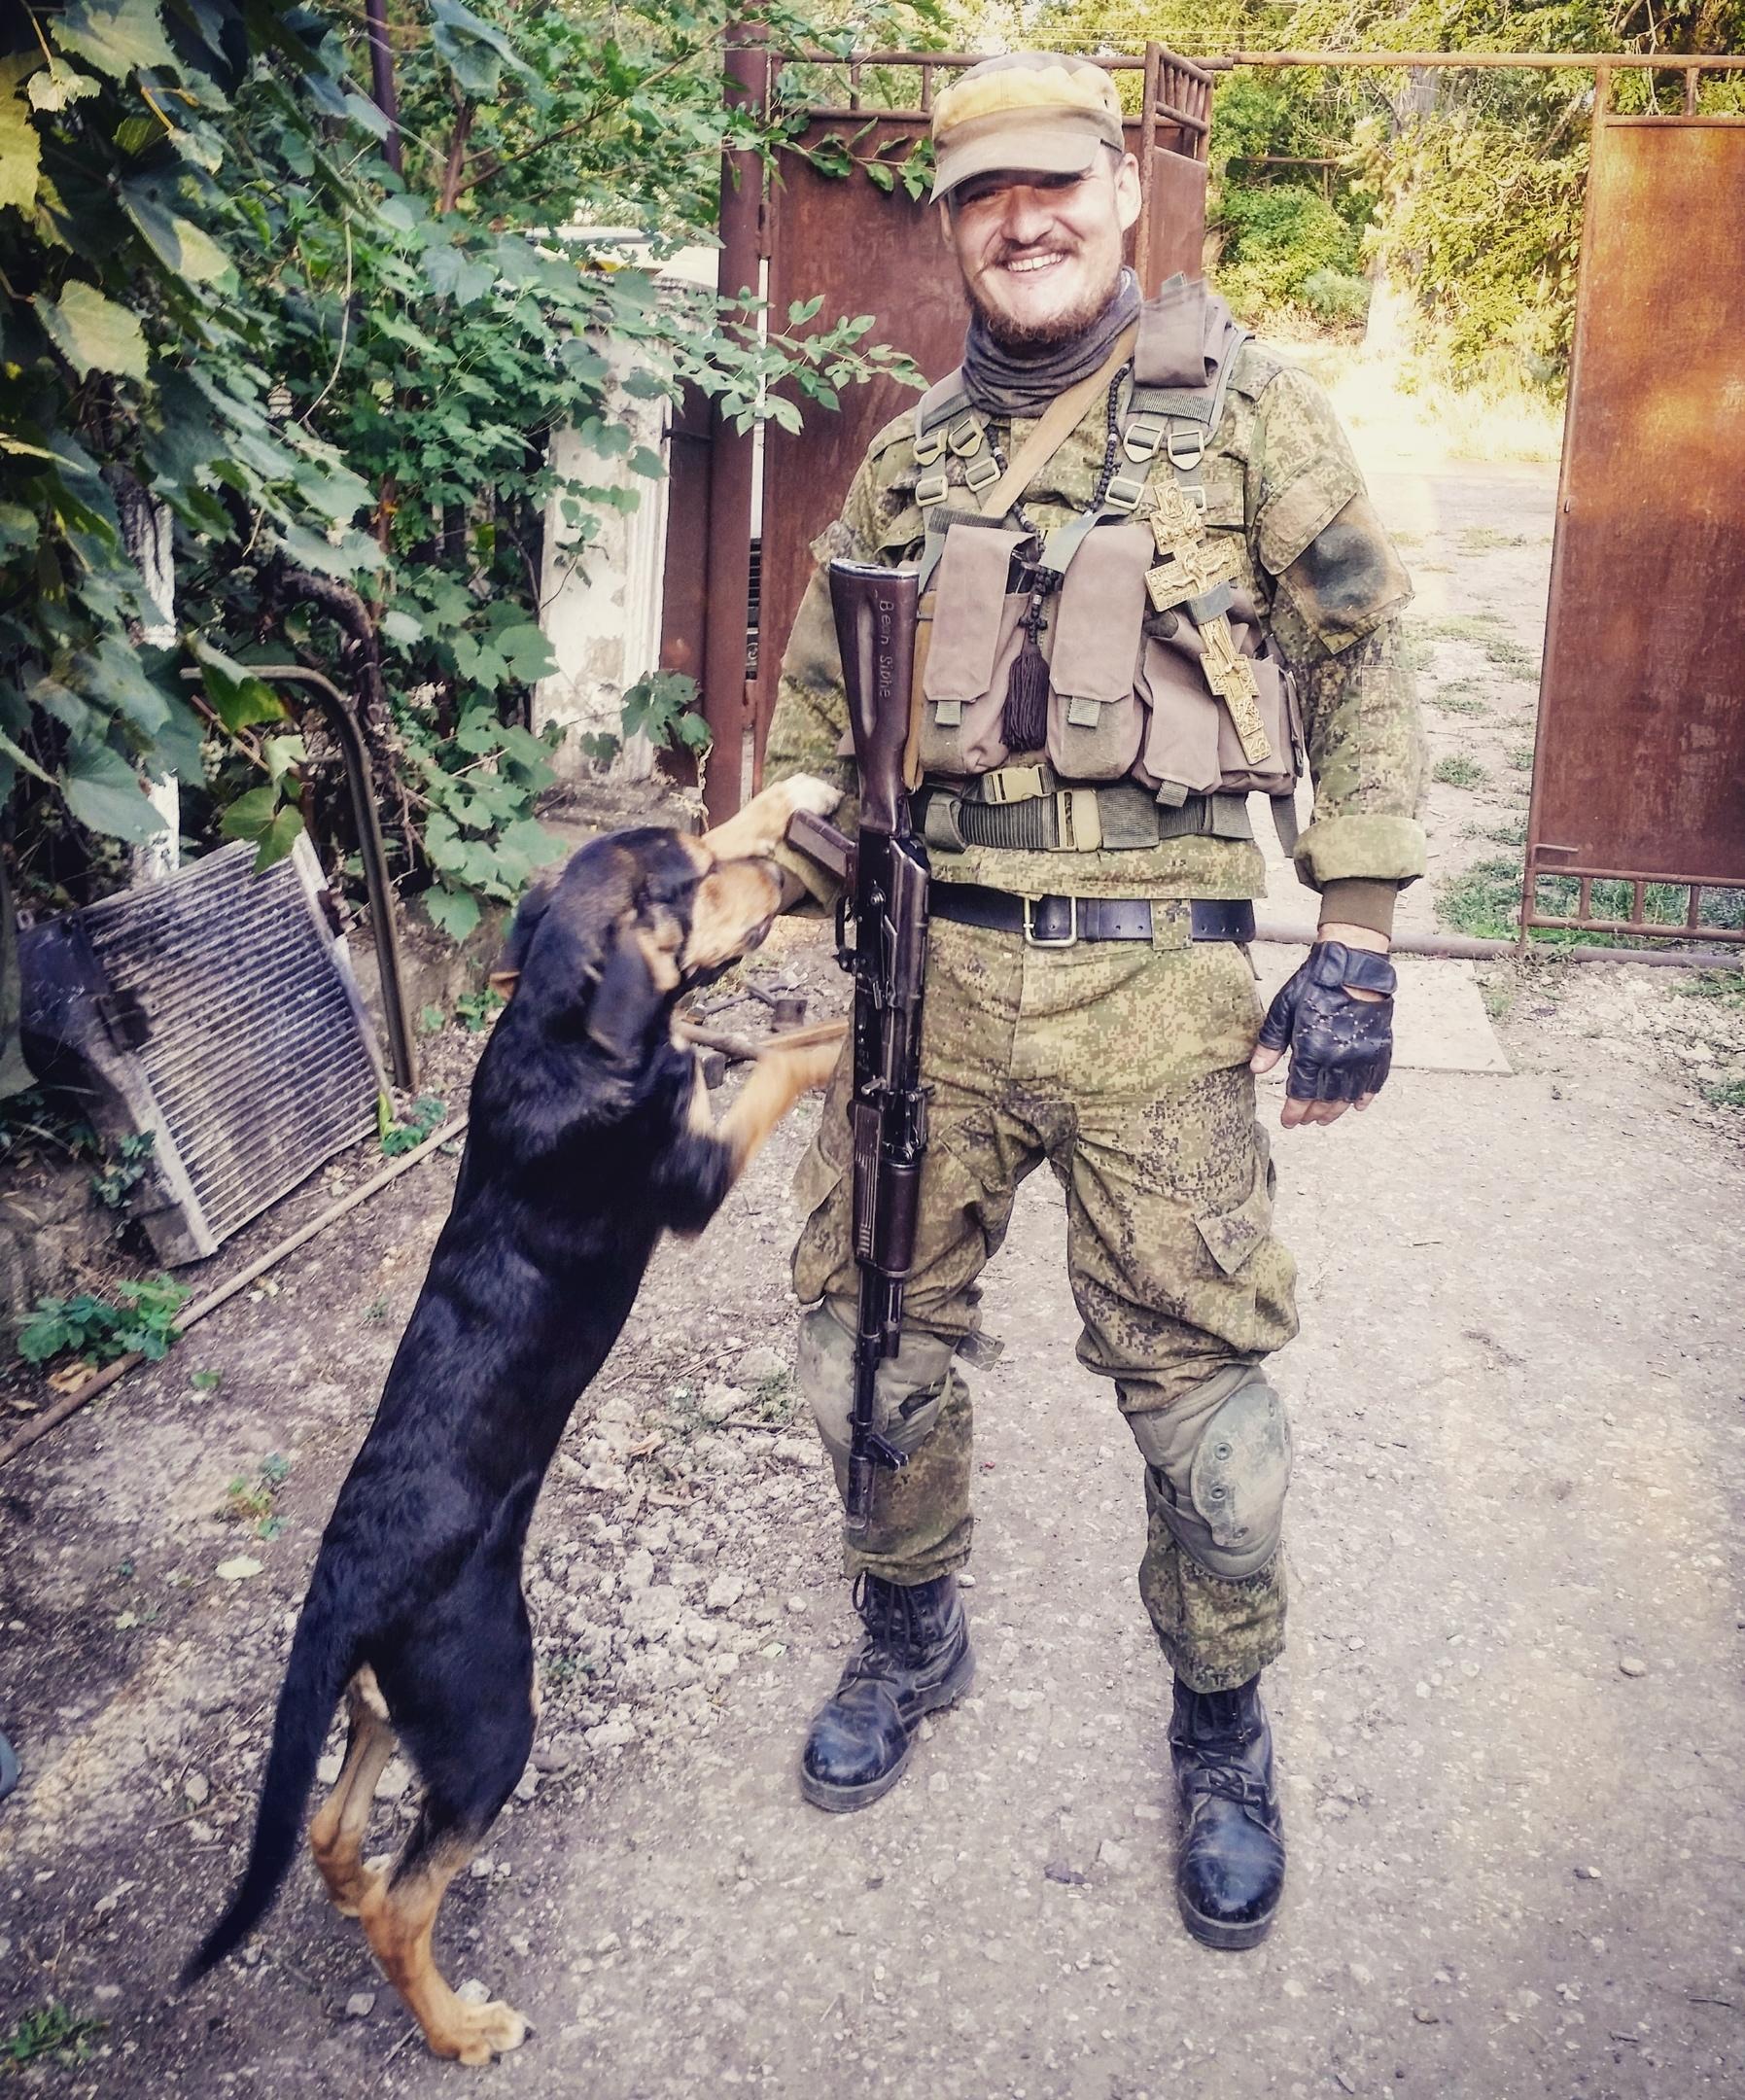 GN24Mtkn99c - Донбасс: напряжение на фронте нарастает, уничтожены позиции и бронетехника ВСУ, — сводка